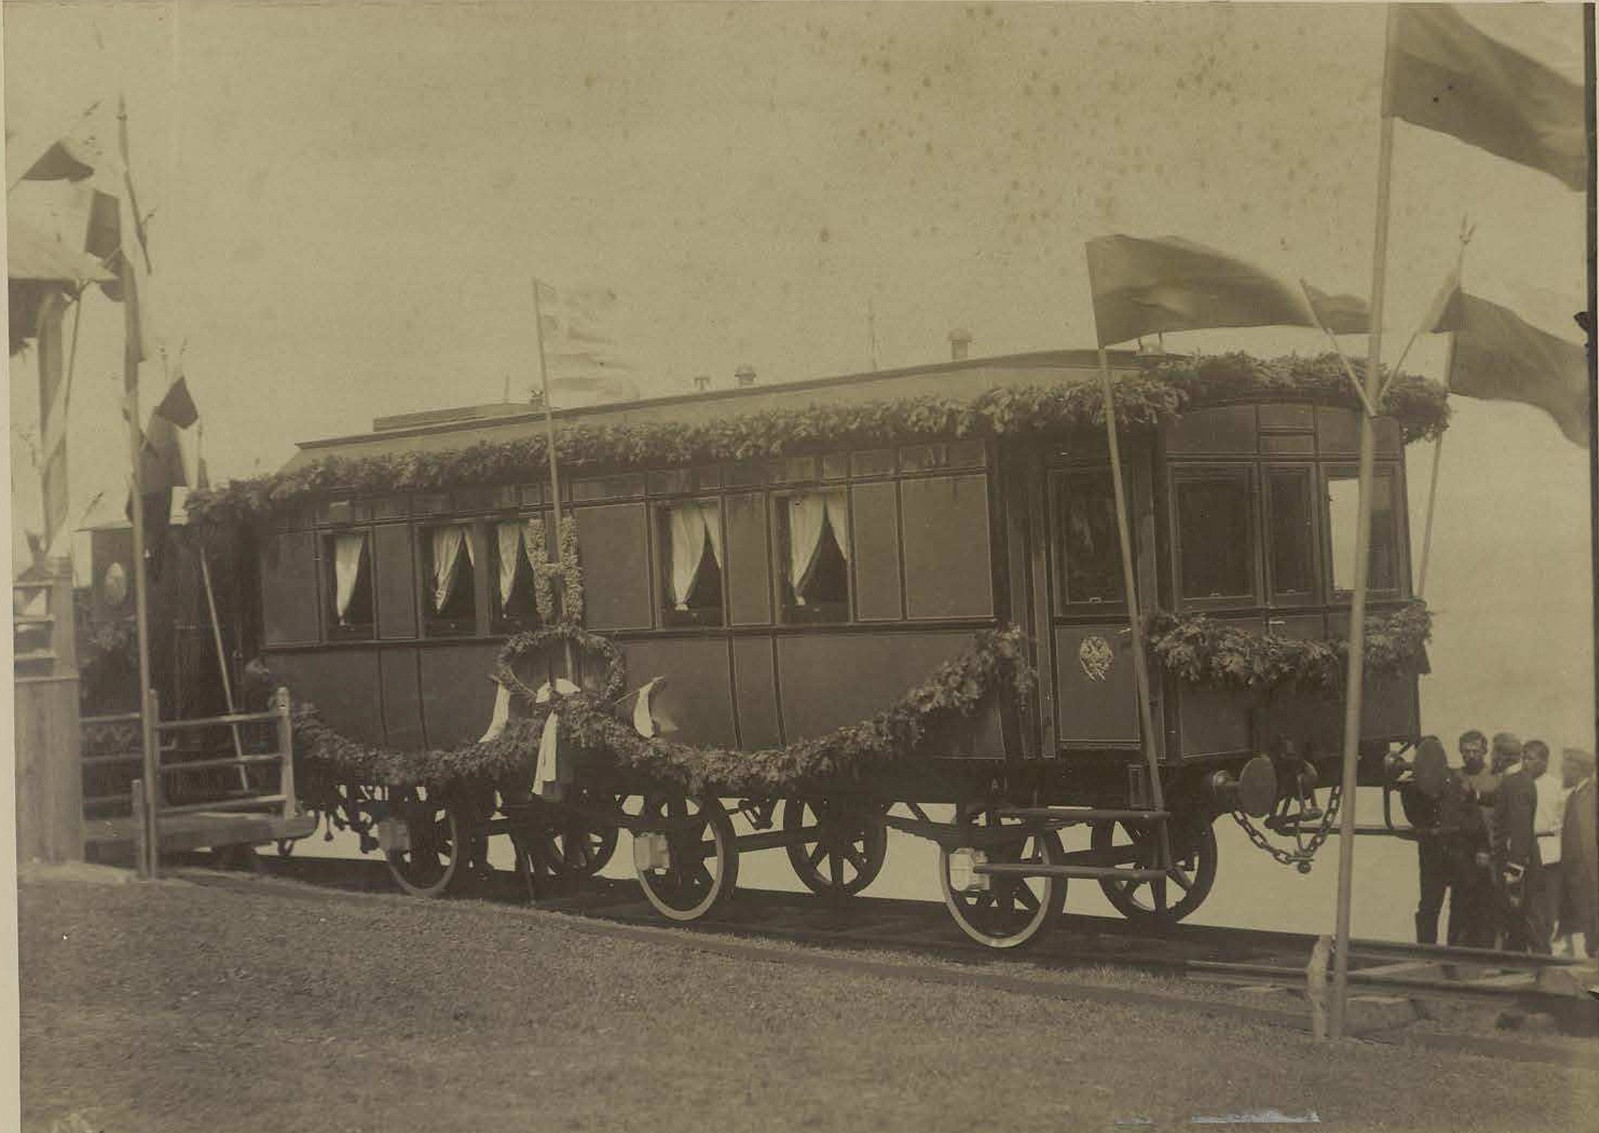 17. 1891. Владивосток. Первый вагон Великой Сибирской ж. д. в котором ехал цесаревич